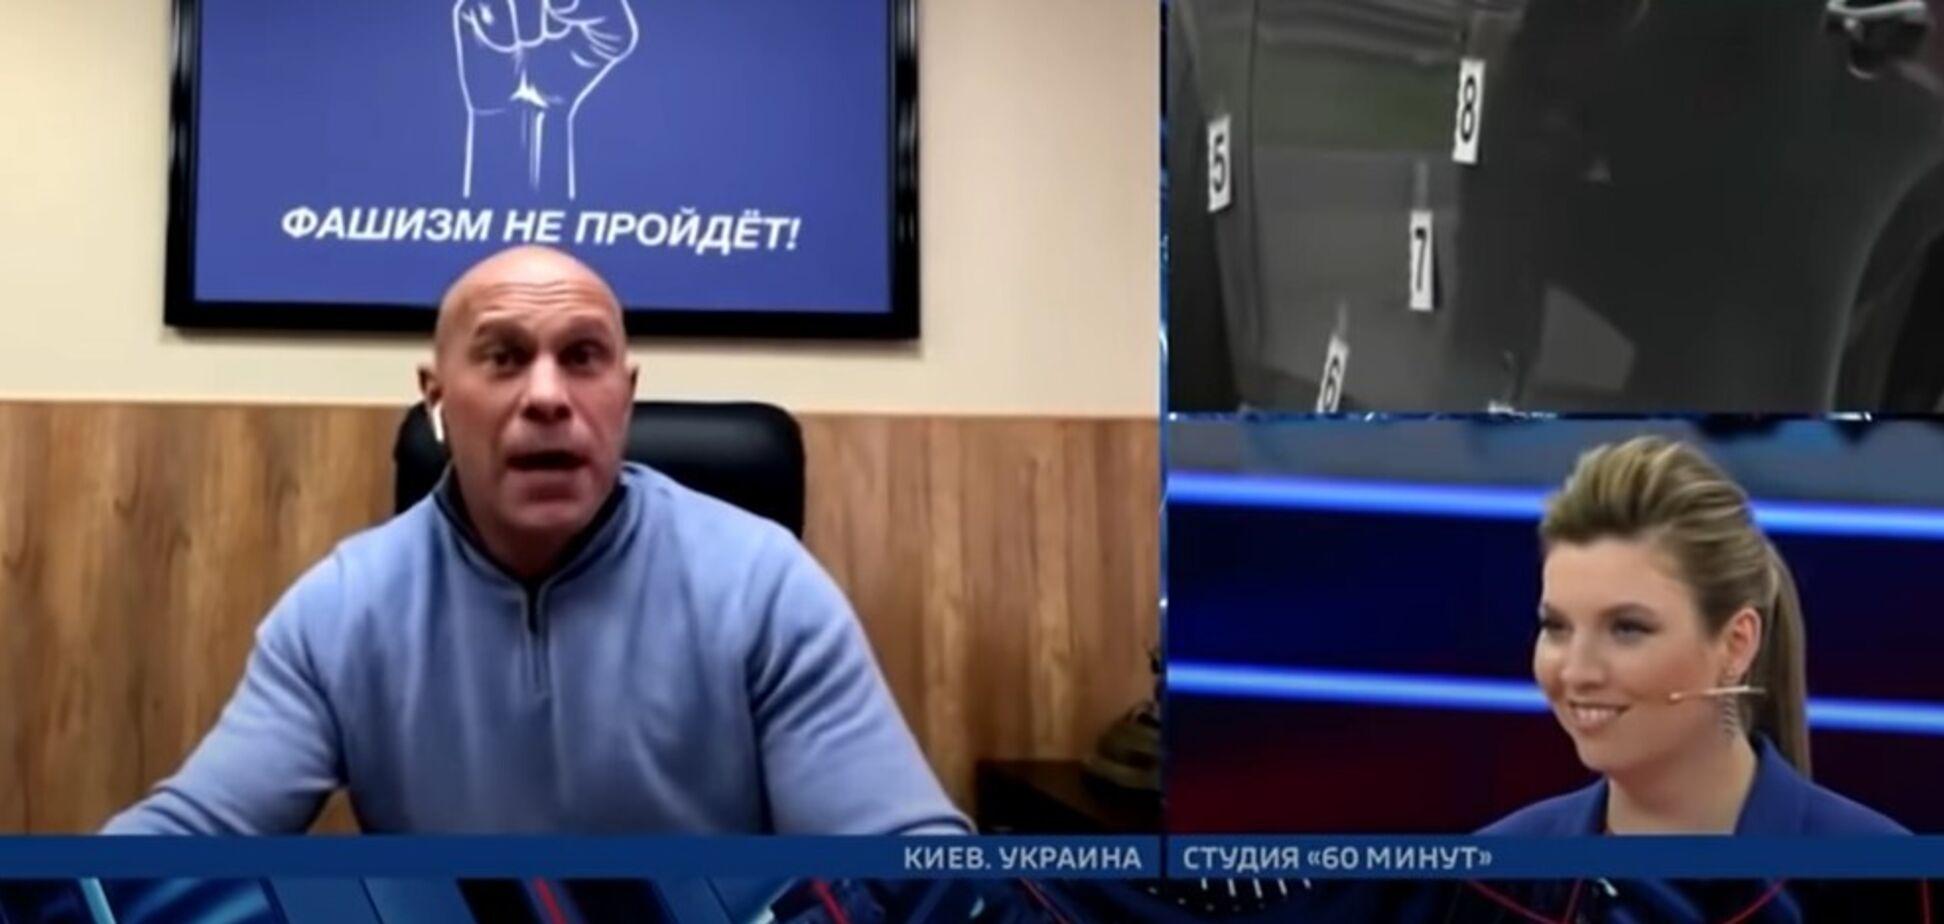 Нардеп Кива на росТБ повторив фразу Путіна про 'один народ'